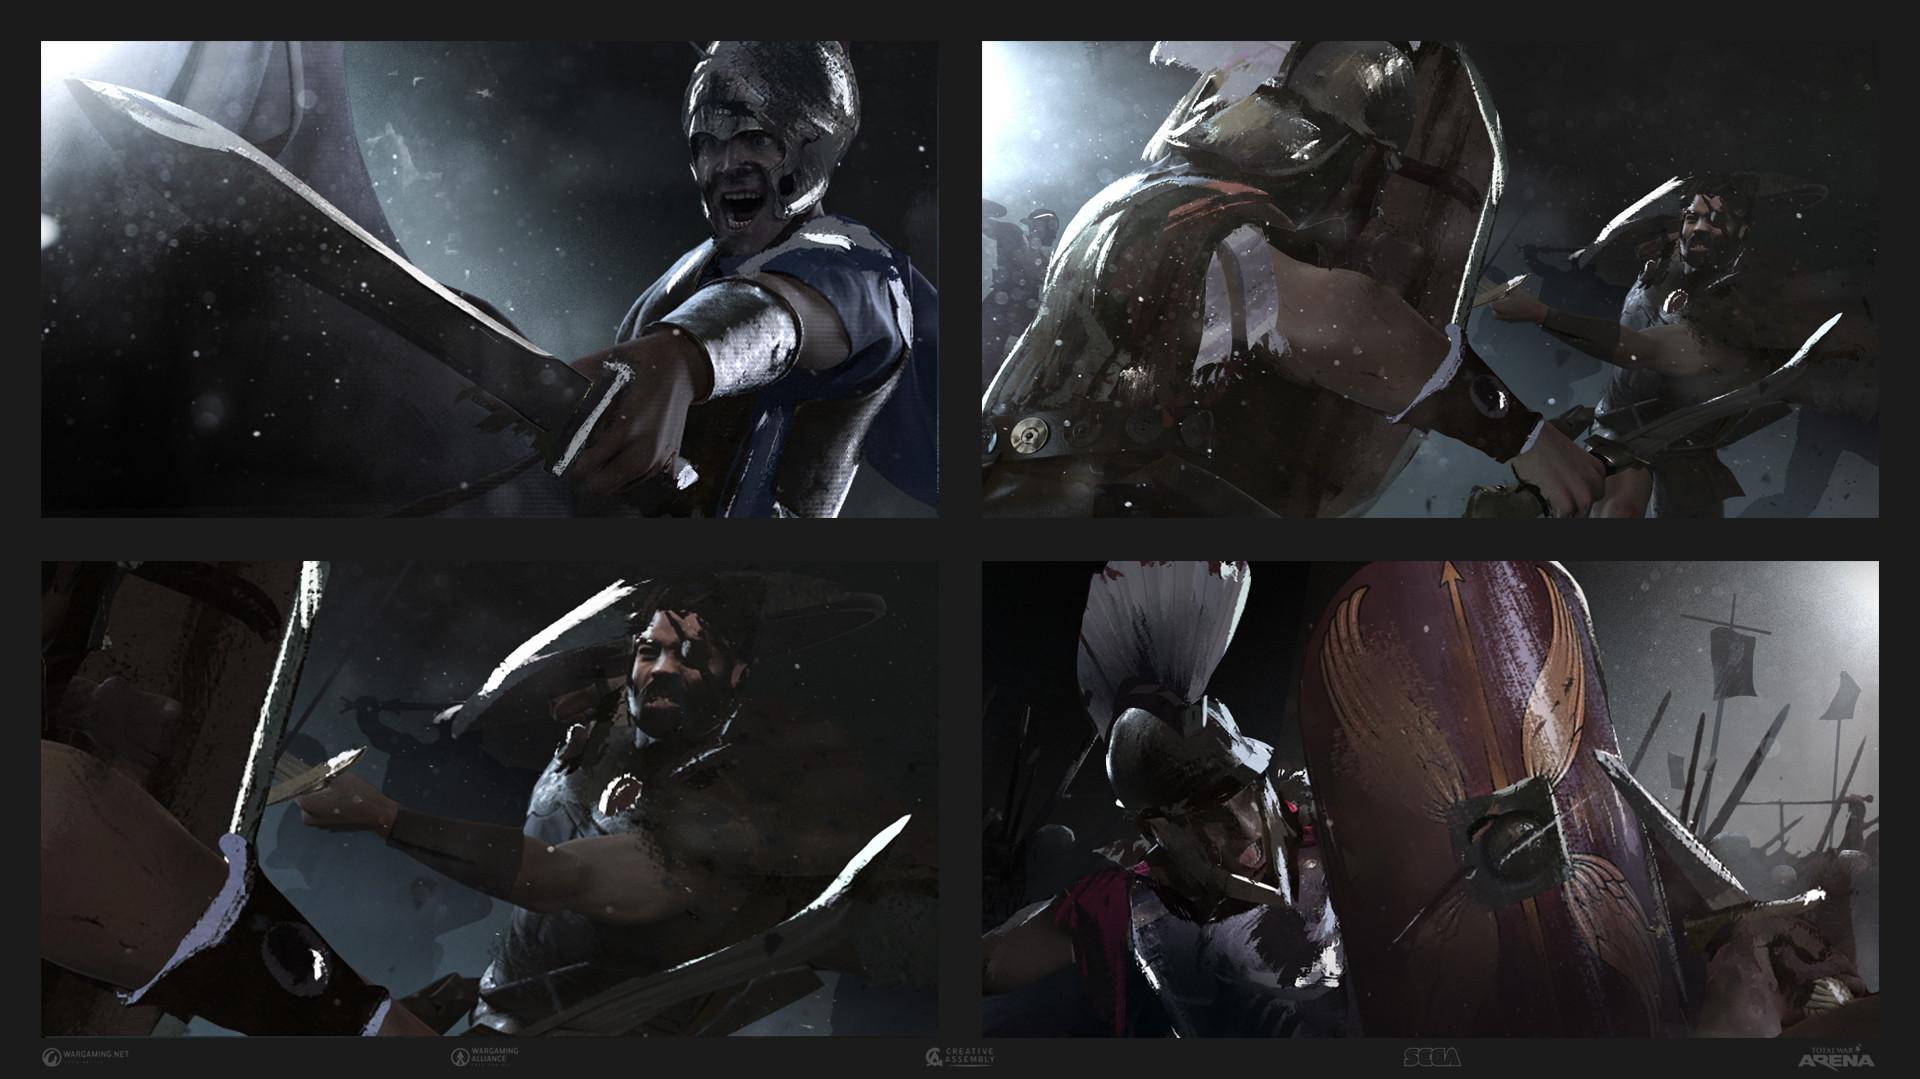 ArtStation - Storyboarding for Total War Arena OBT Trailer